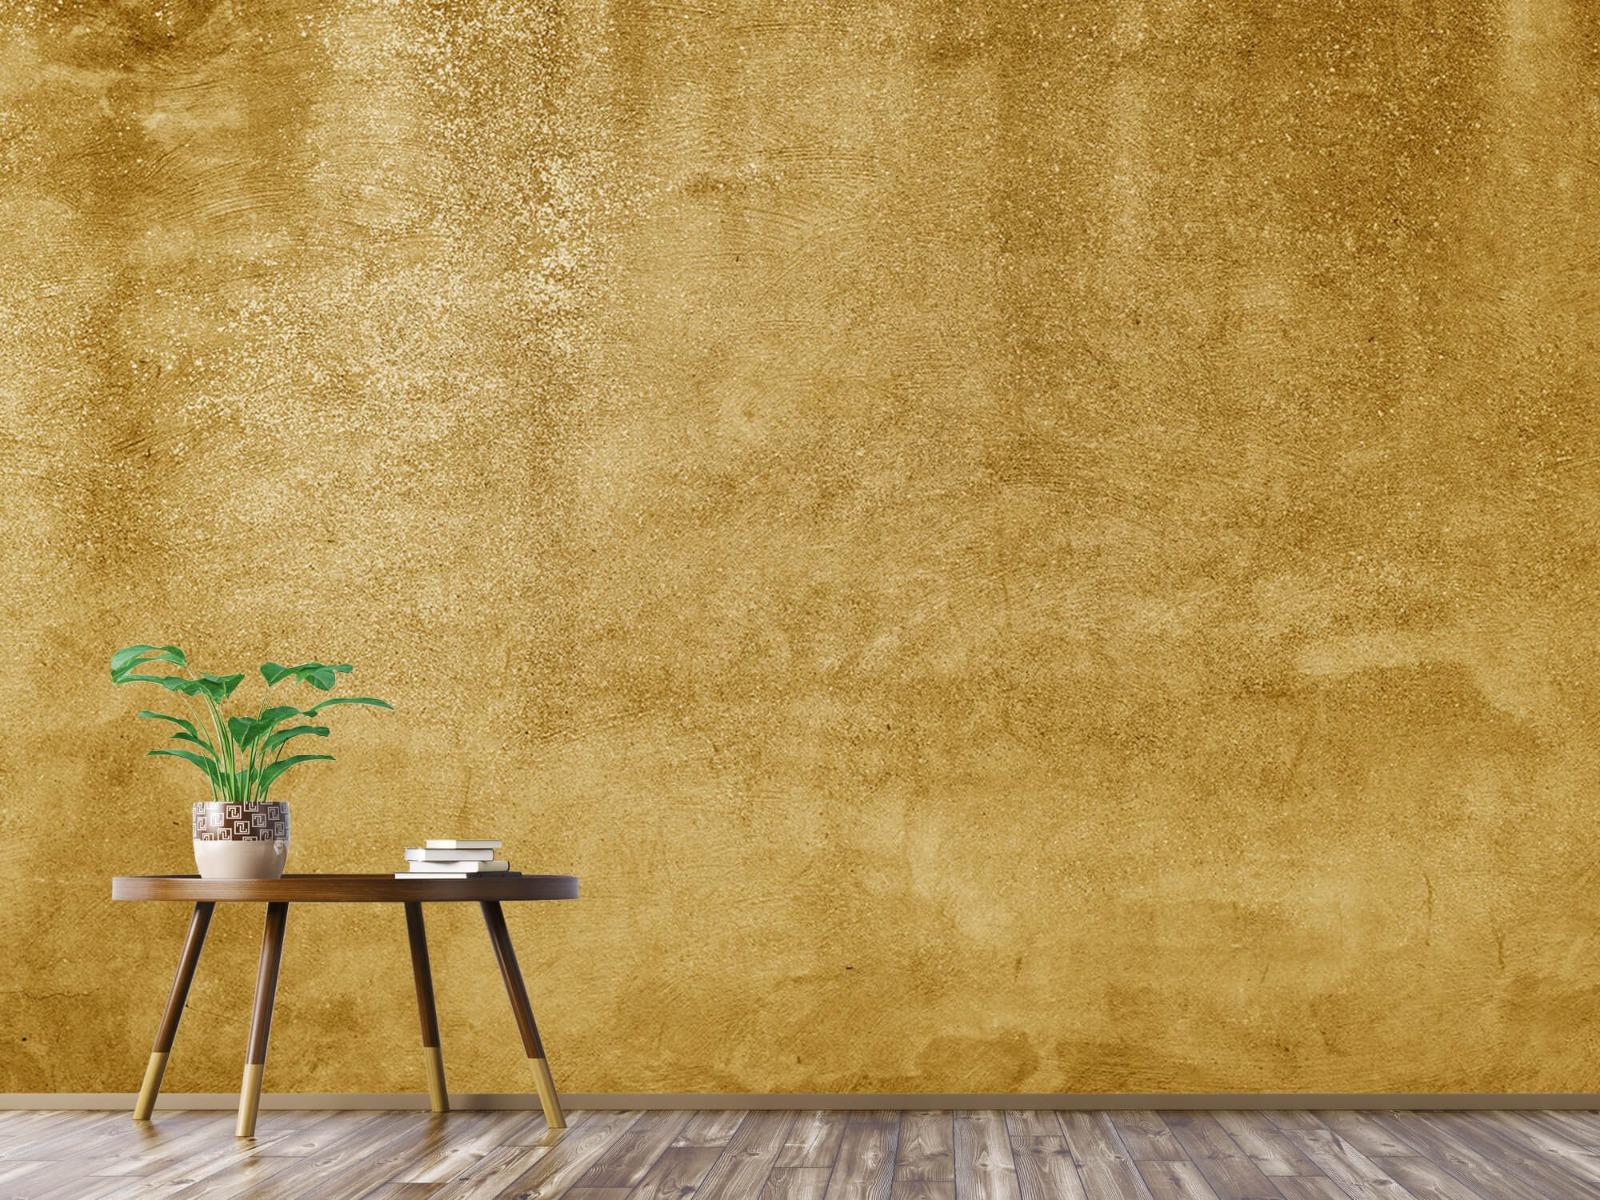 Betonoptik Tapete - Ockerhaltiger gelber Beton auf Fototapete - Wohnzimmer 5